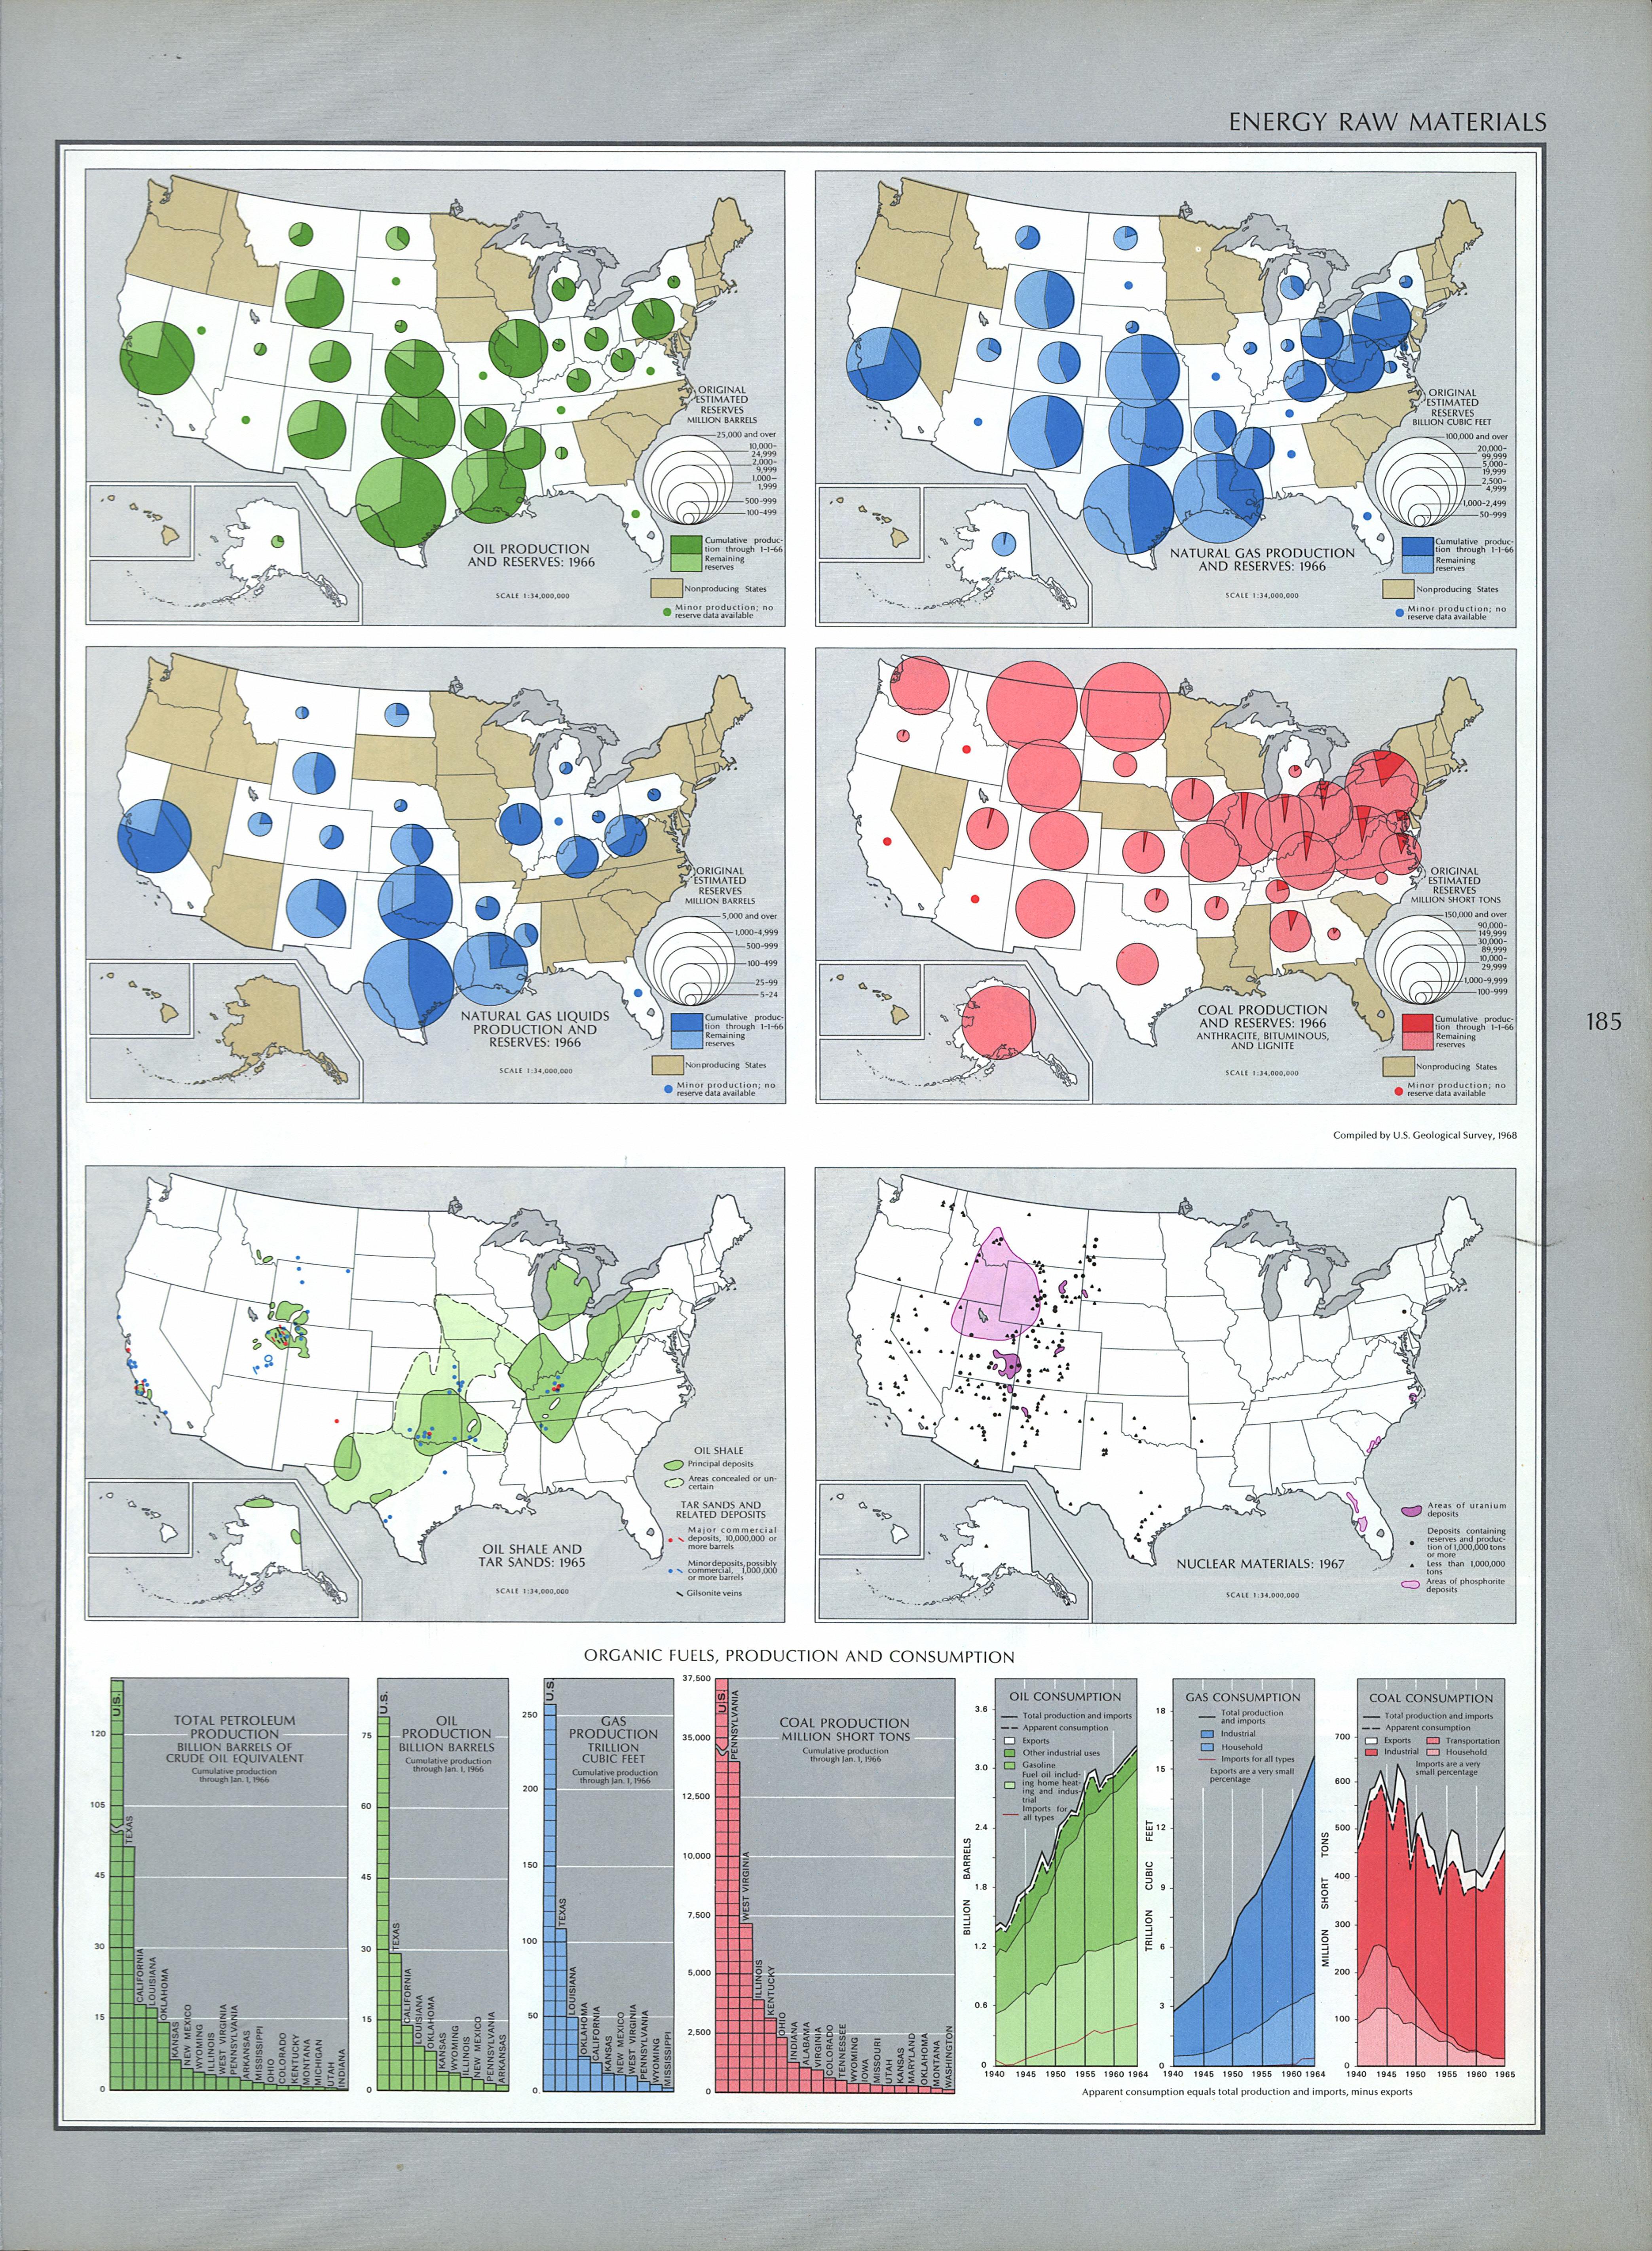 Mapa de las Materias Primas Energéticas, Estados Unidos